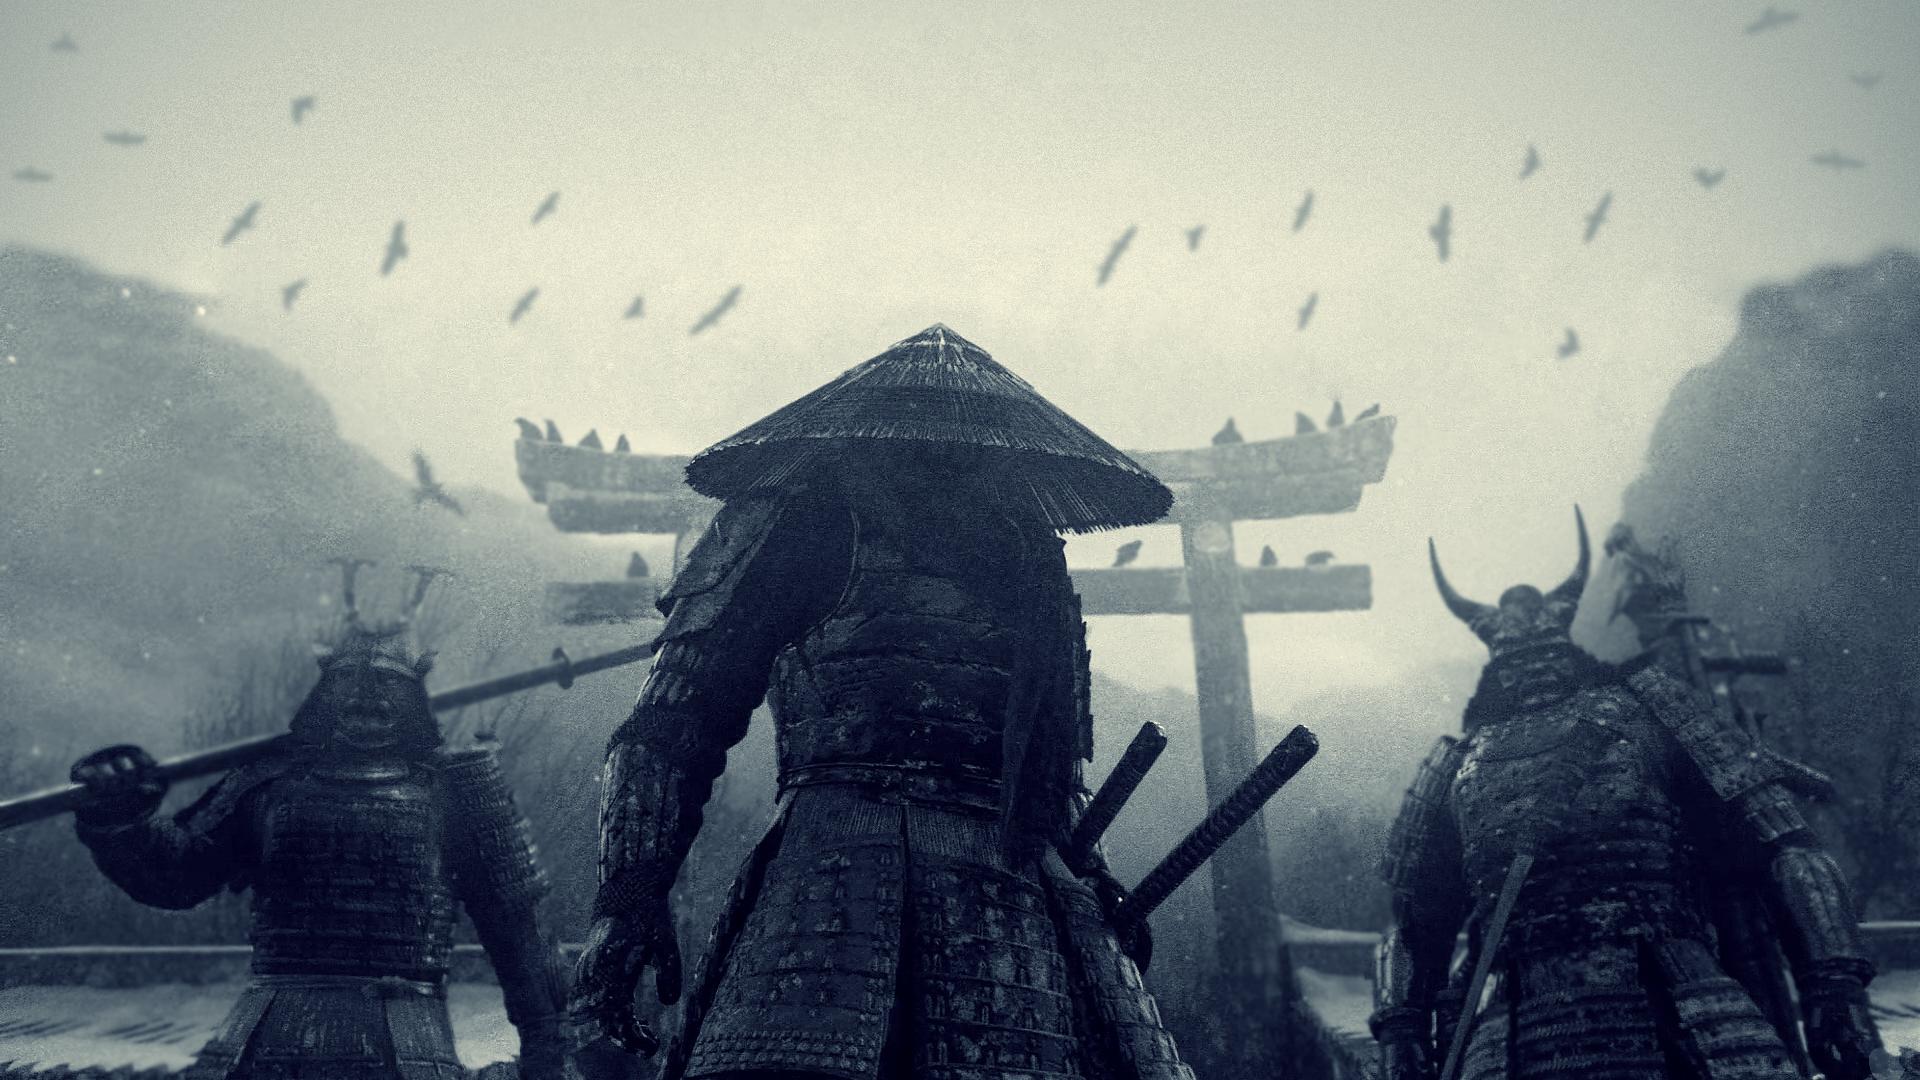 Samurai warriors sucker punch wallpaper 6891 - Samurai Punch Wallpaper From Warriors Wallpapers